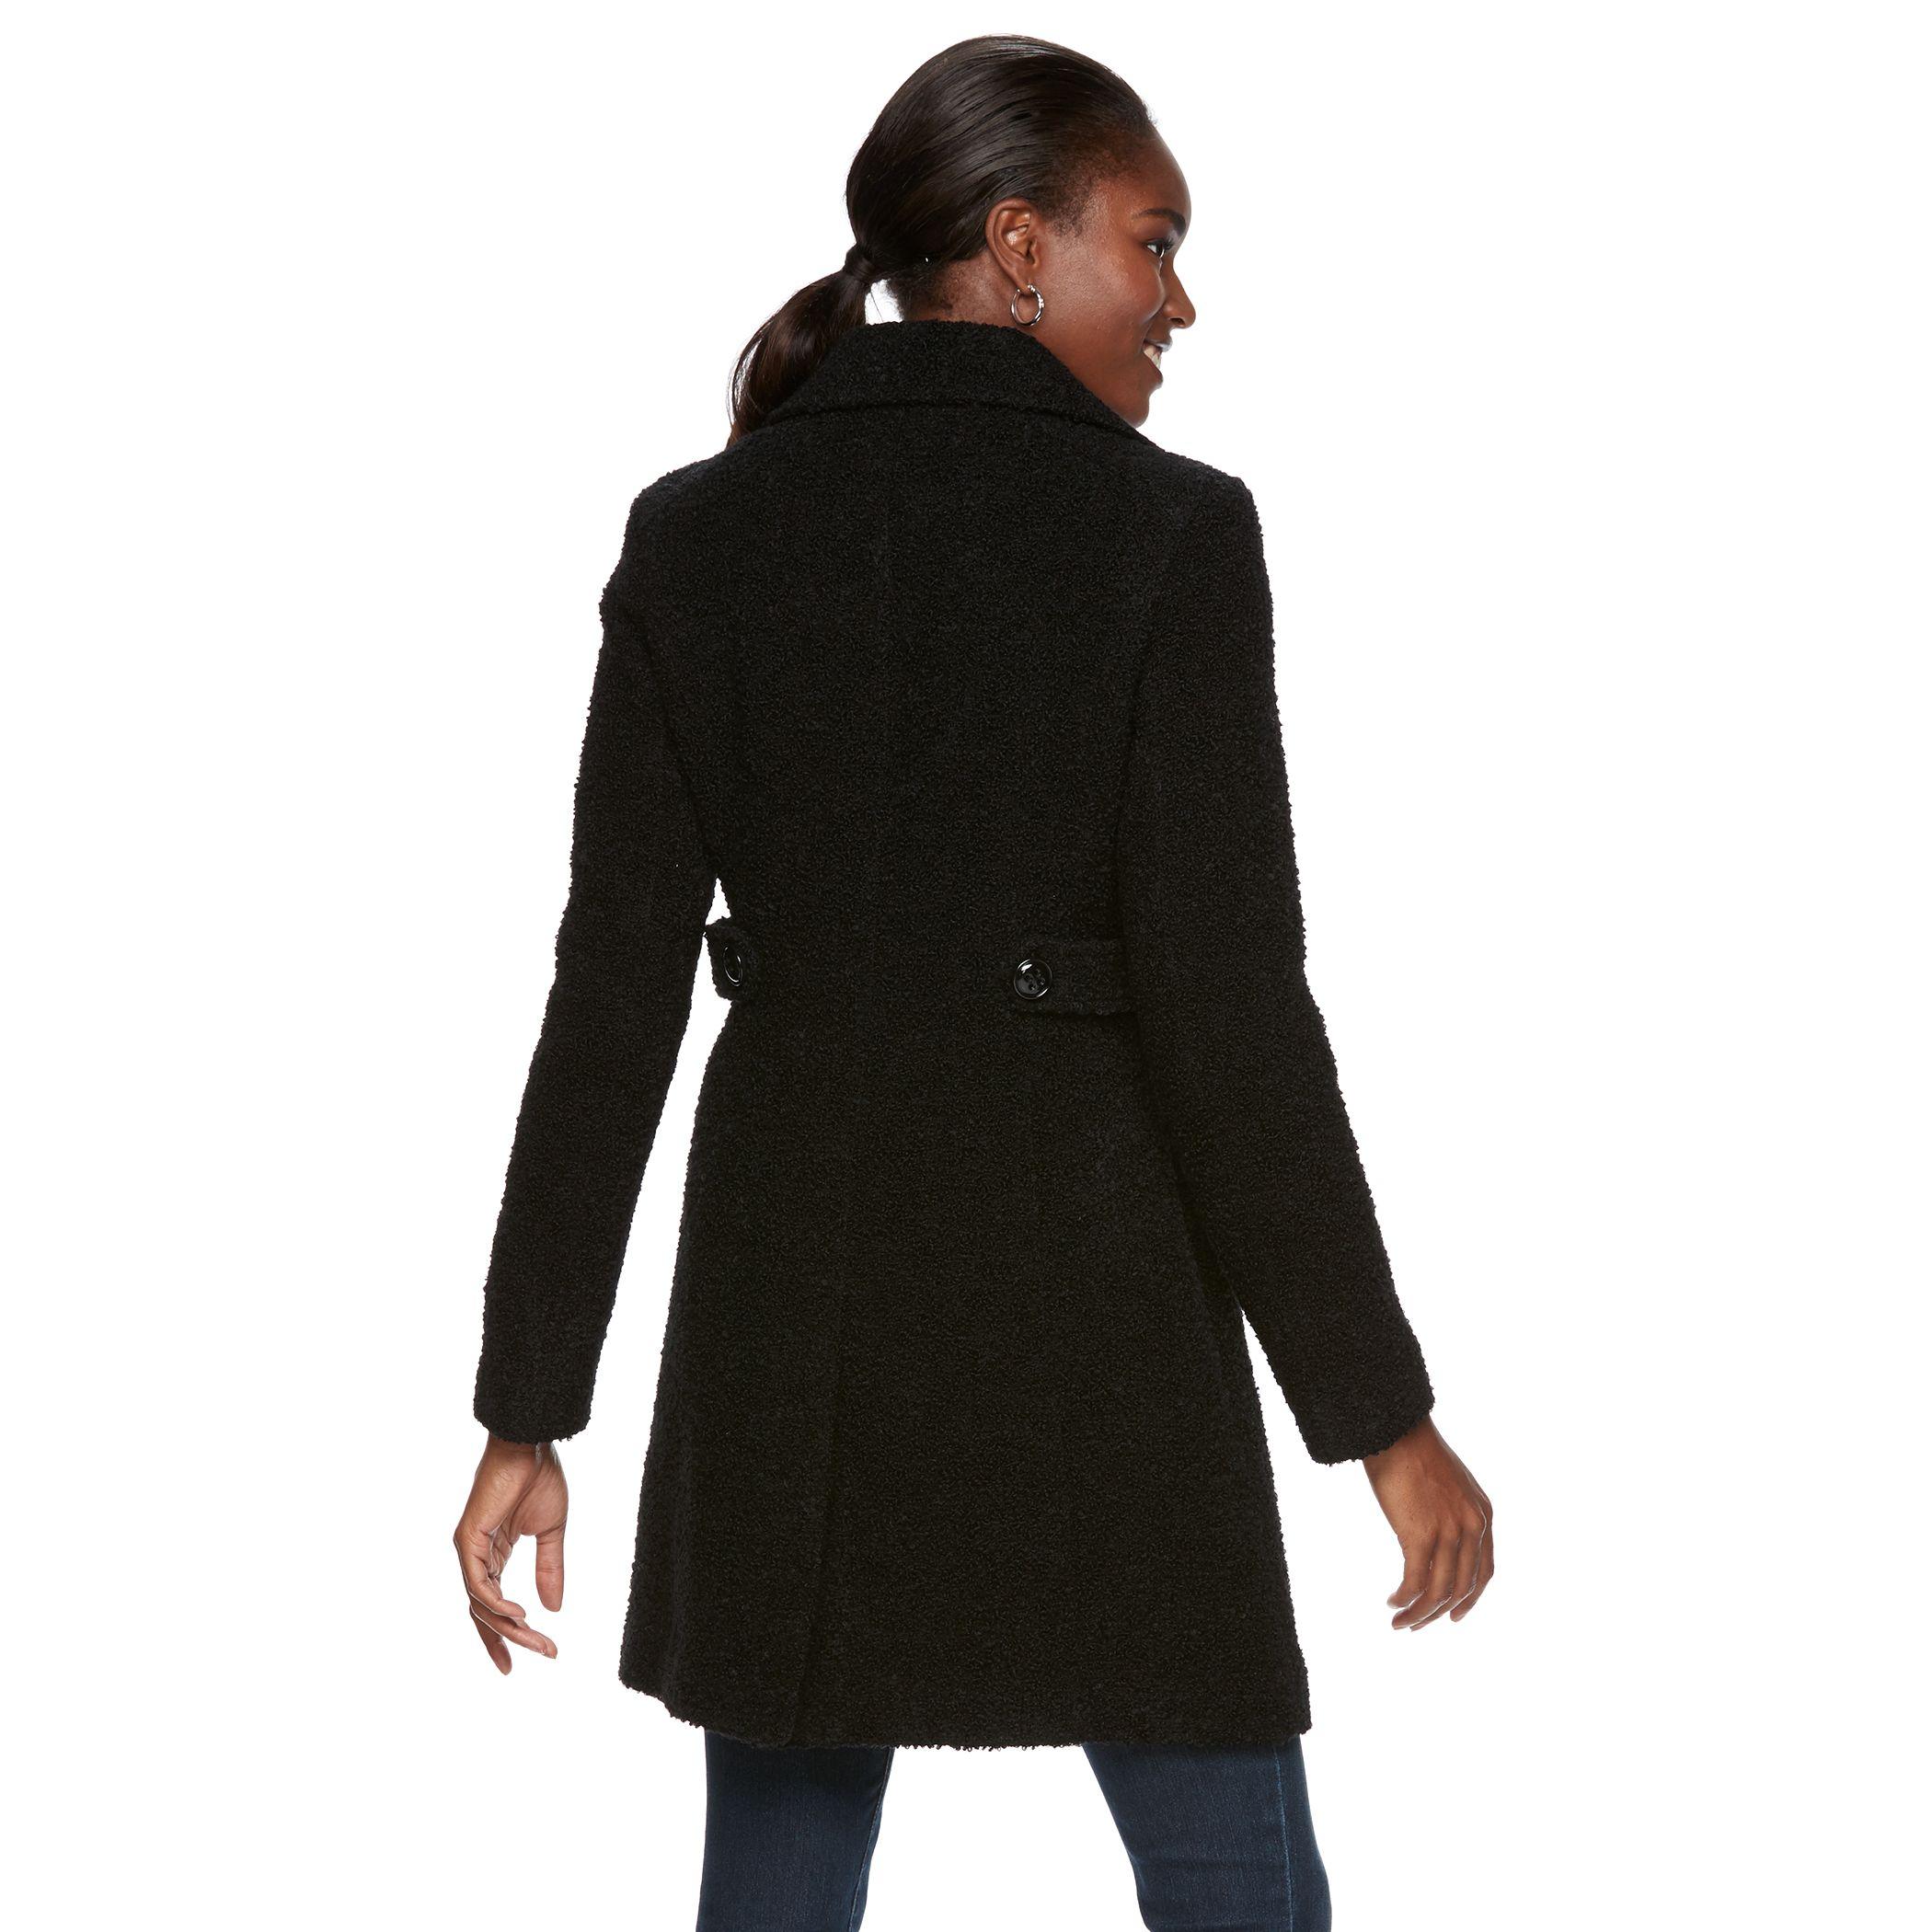 s snap barns jackets skycrest womens shirt insulated women barn w